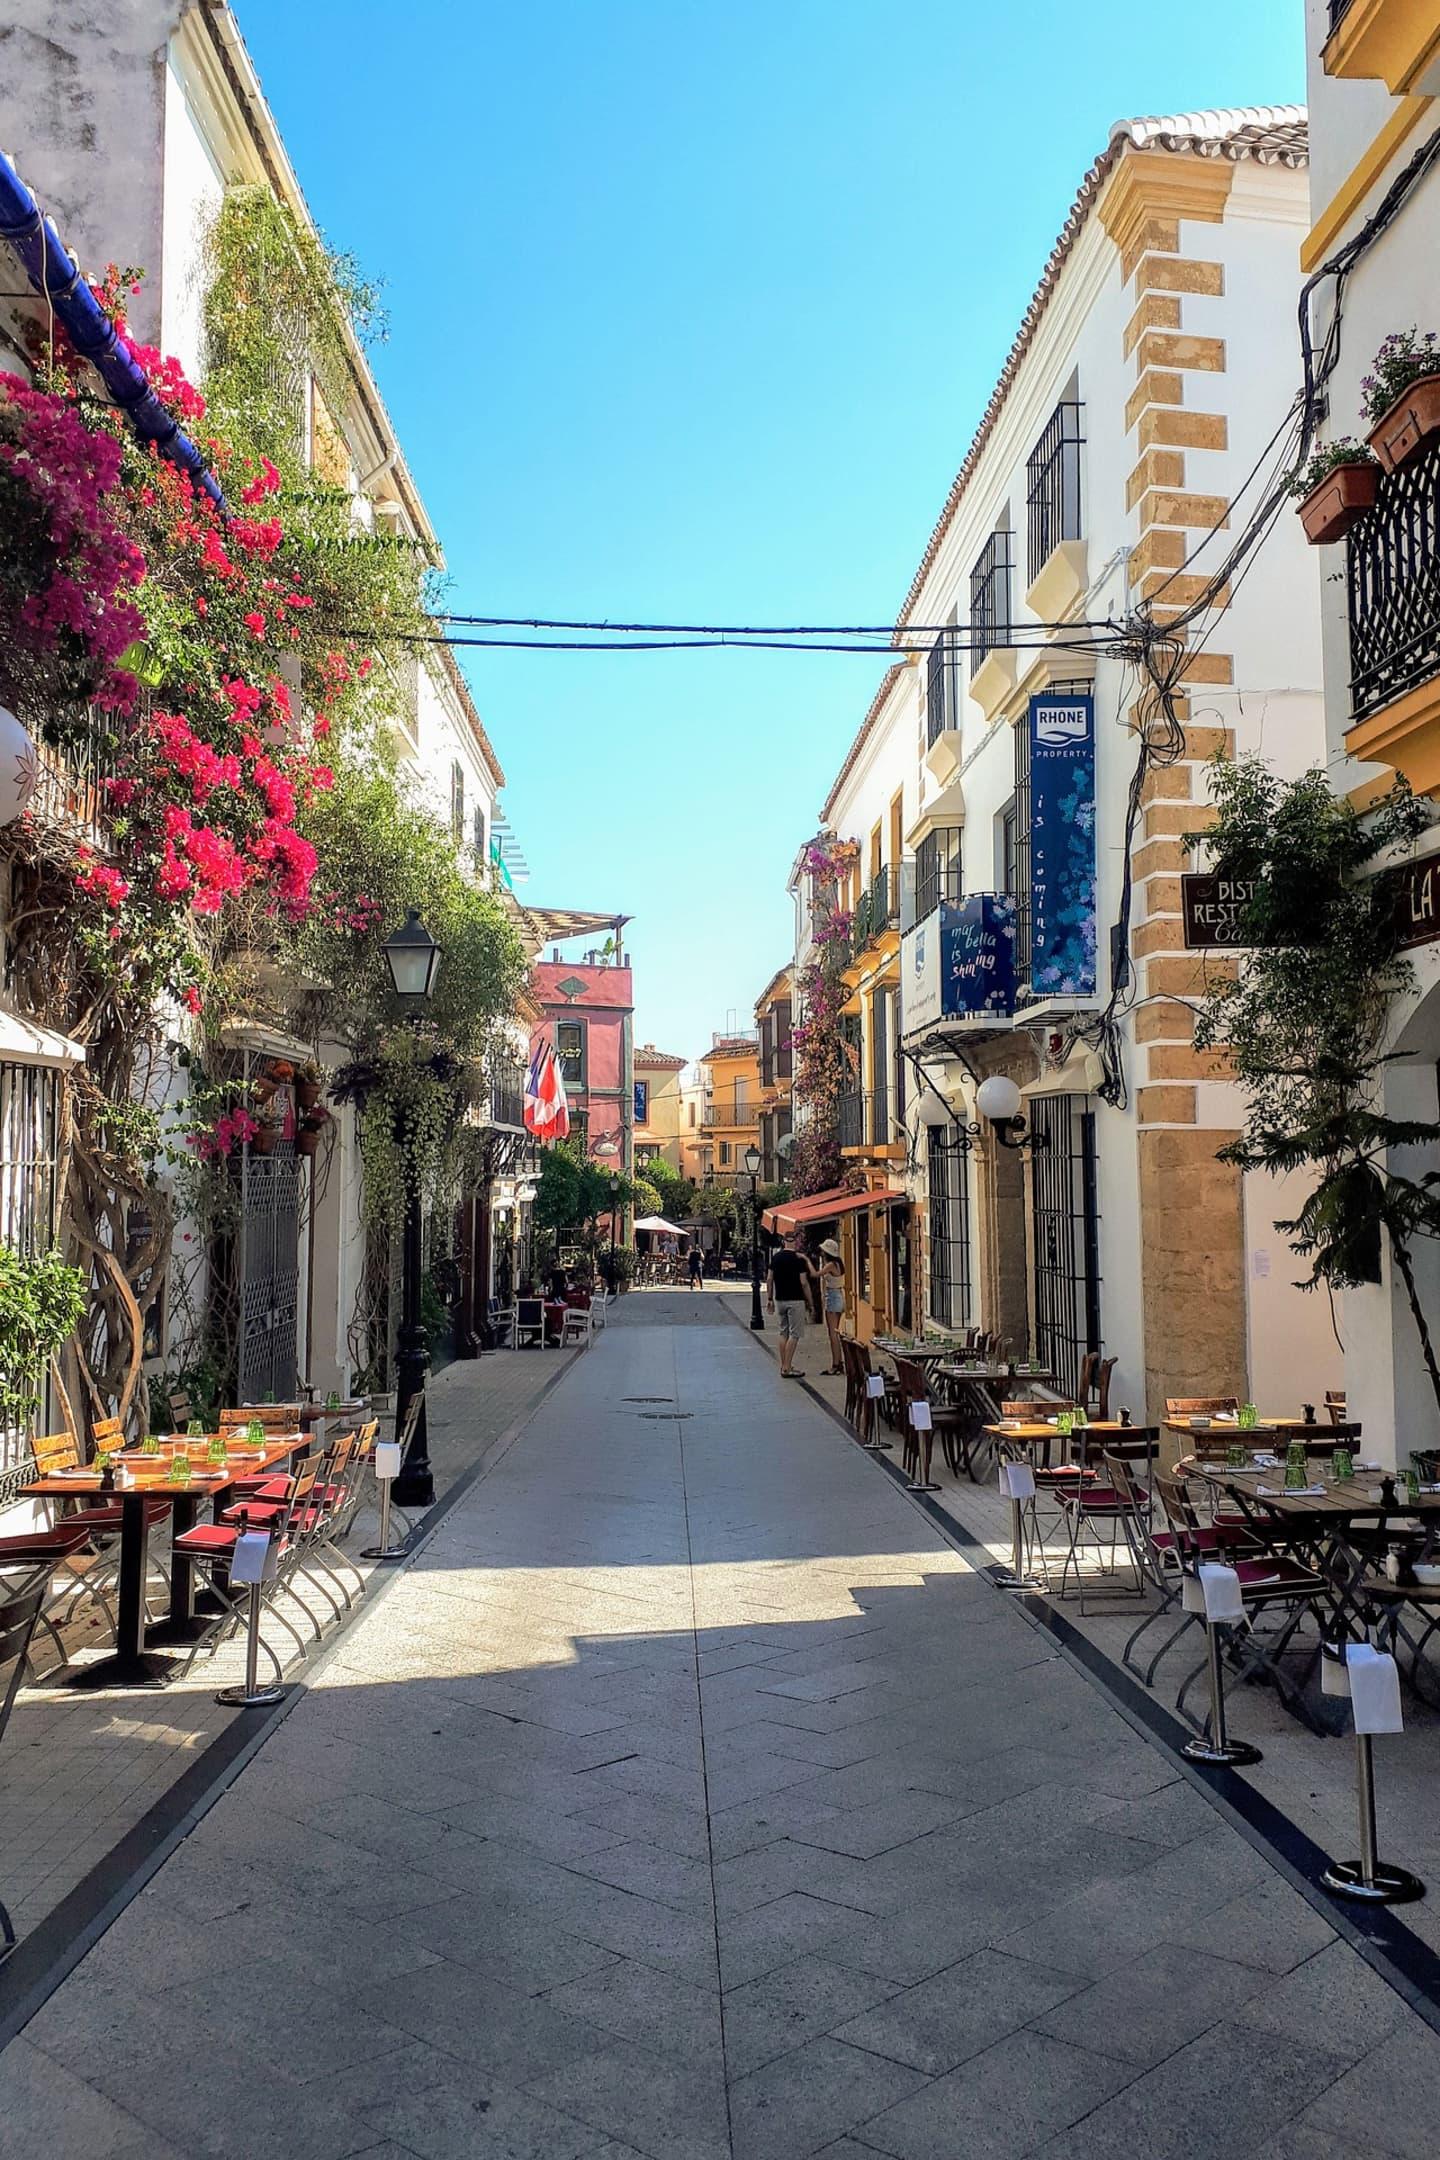 I Gamla stan finns några av de bästa krogarna, till exempel Casanis närmast till vänster i bild.